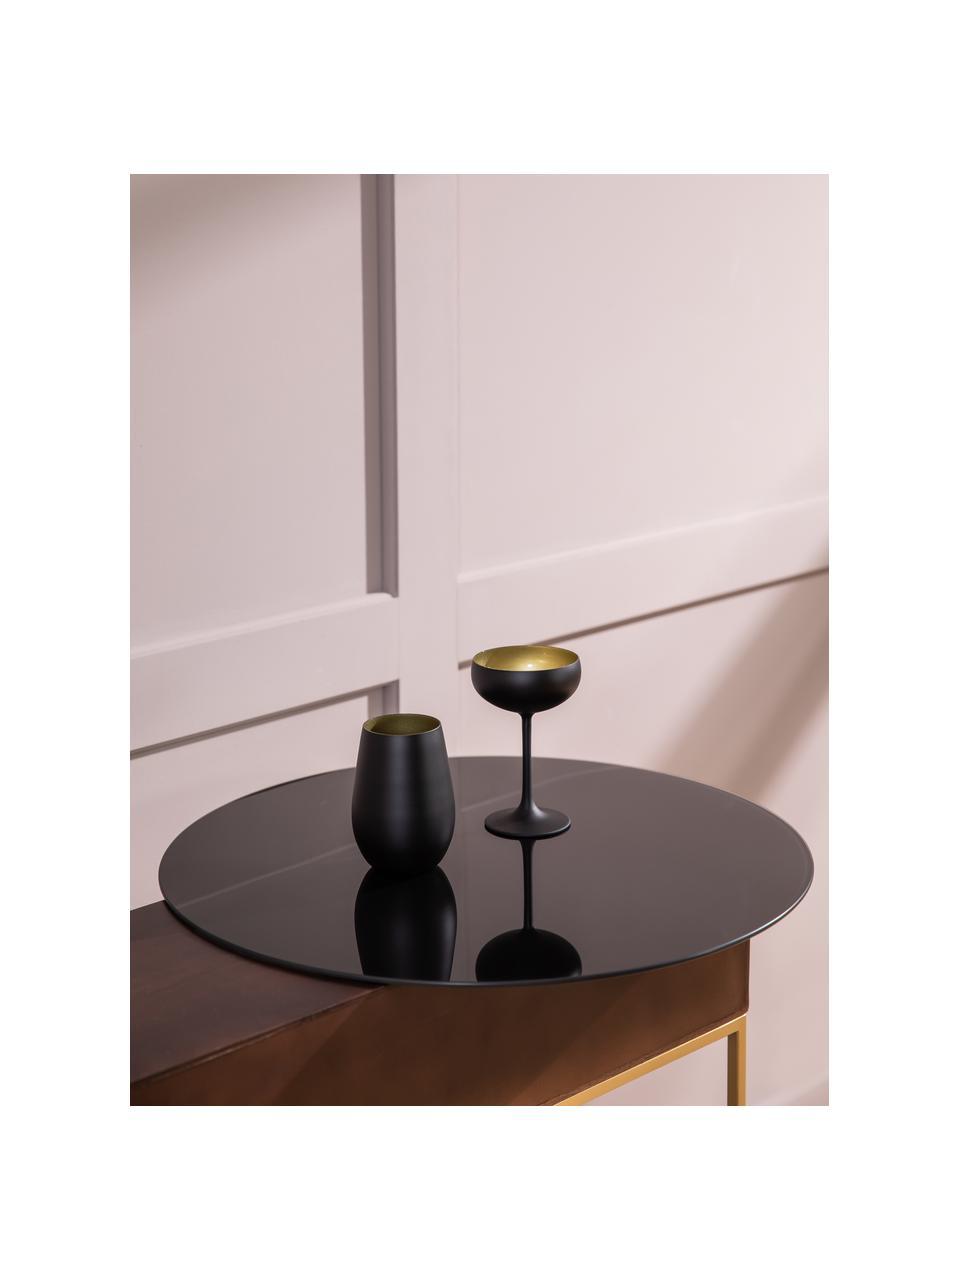 Kristall-Longdrinkgläser Elements in Schwarz/Gold, 6 Stück, Kristallglas, beschichtet, Schwarz, Messingfarben, Ø 9 x H 12 cm